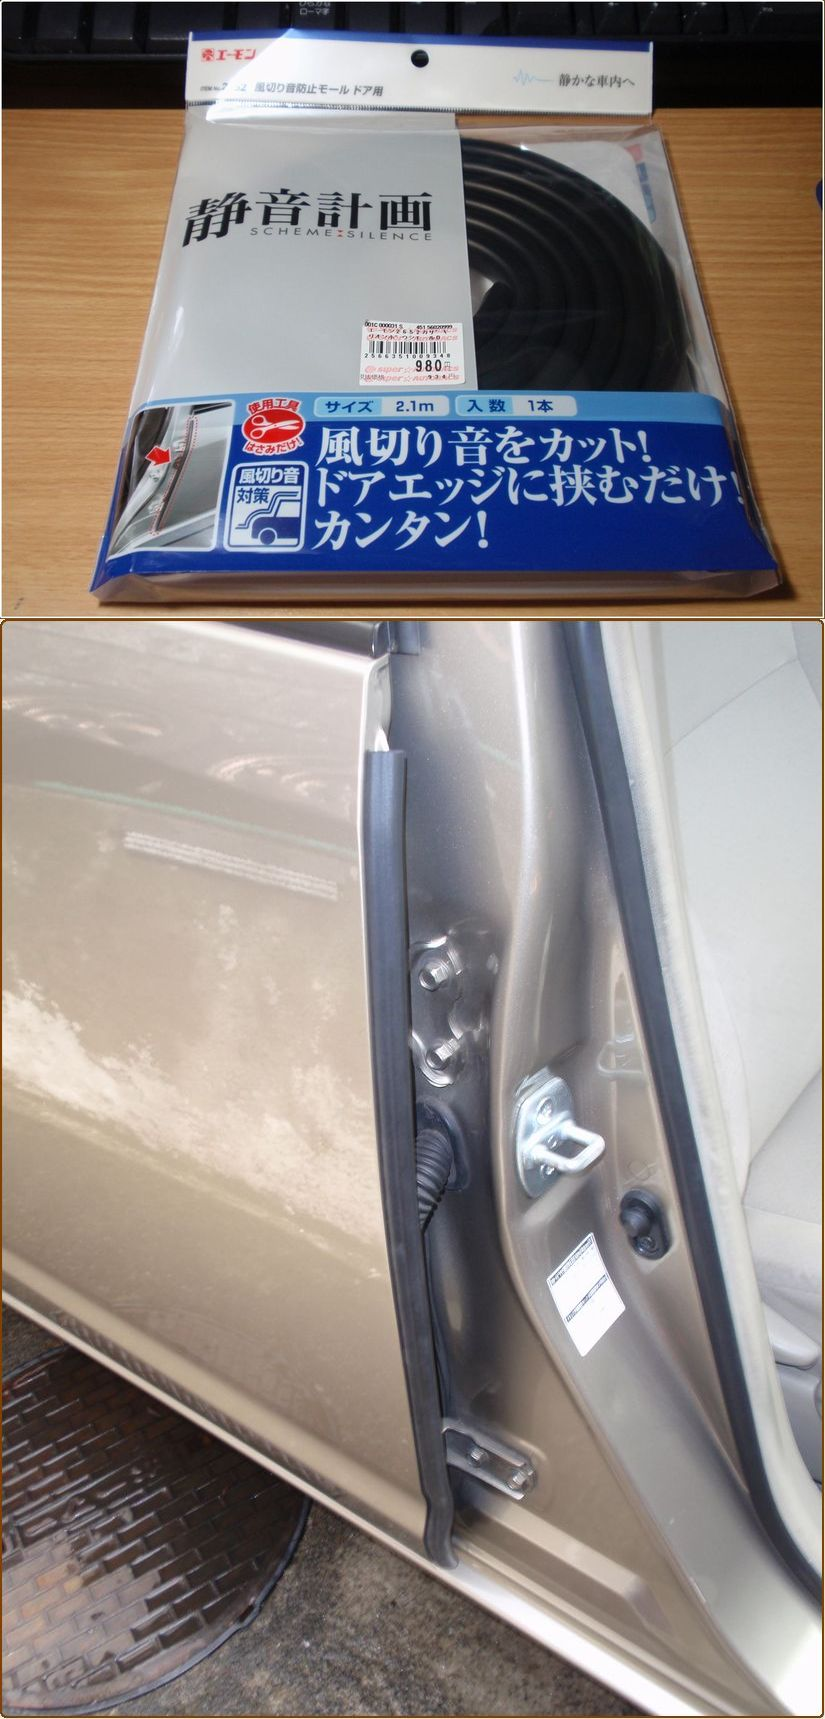 エーモン工業㈱ ☆ 静音計画 風切り音防止モール